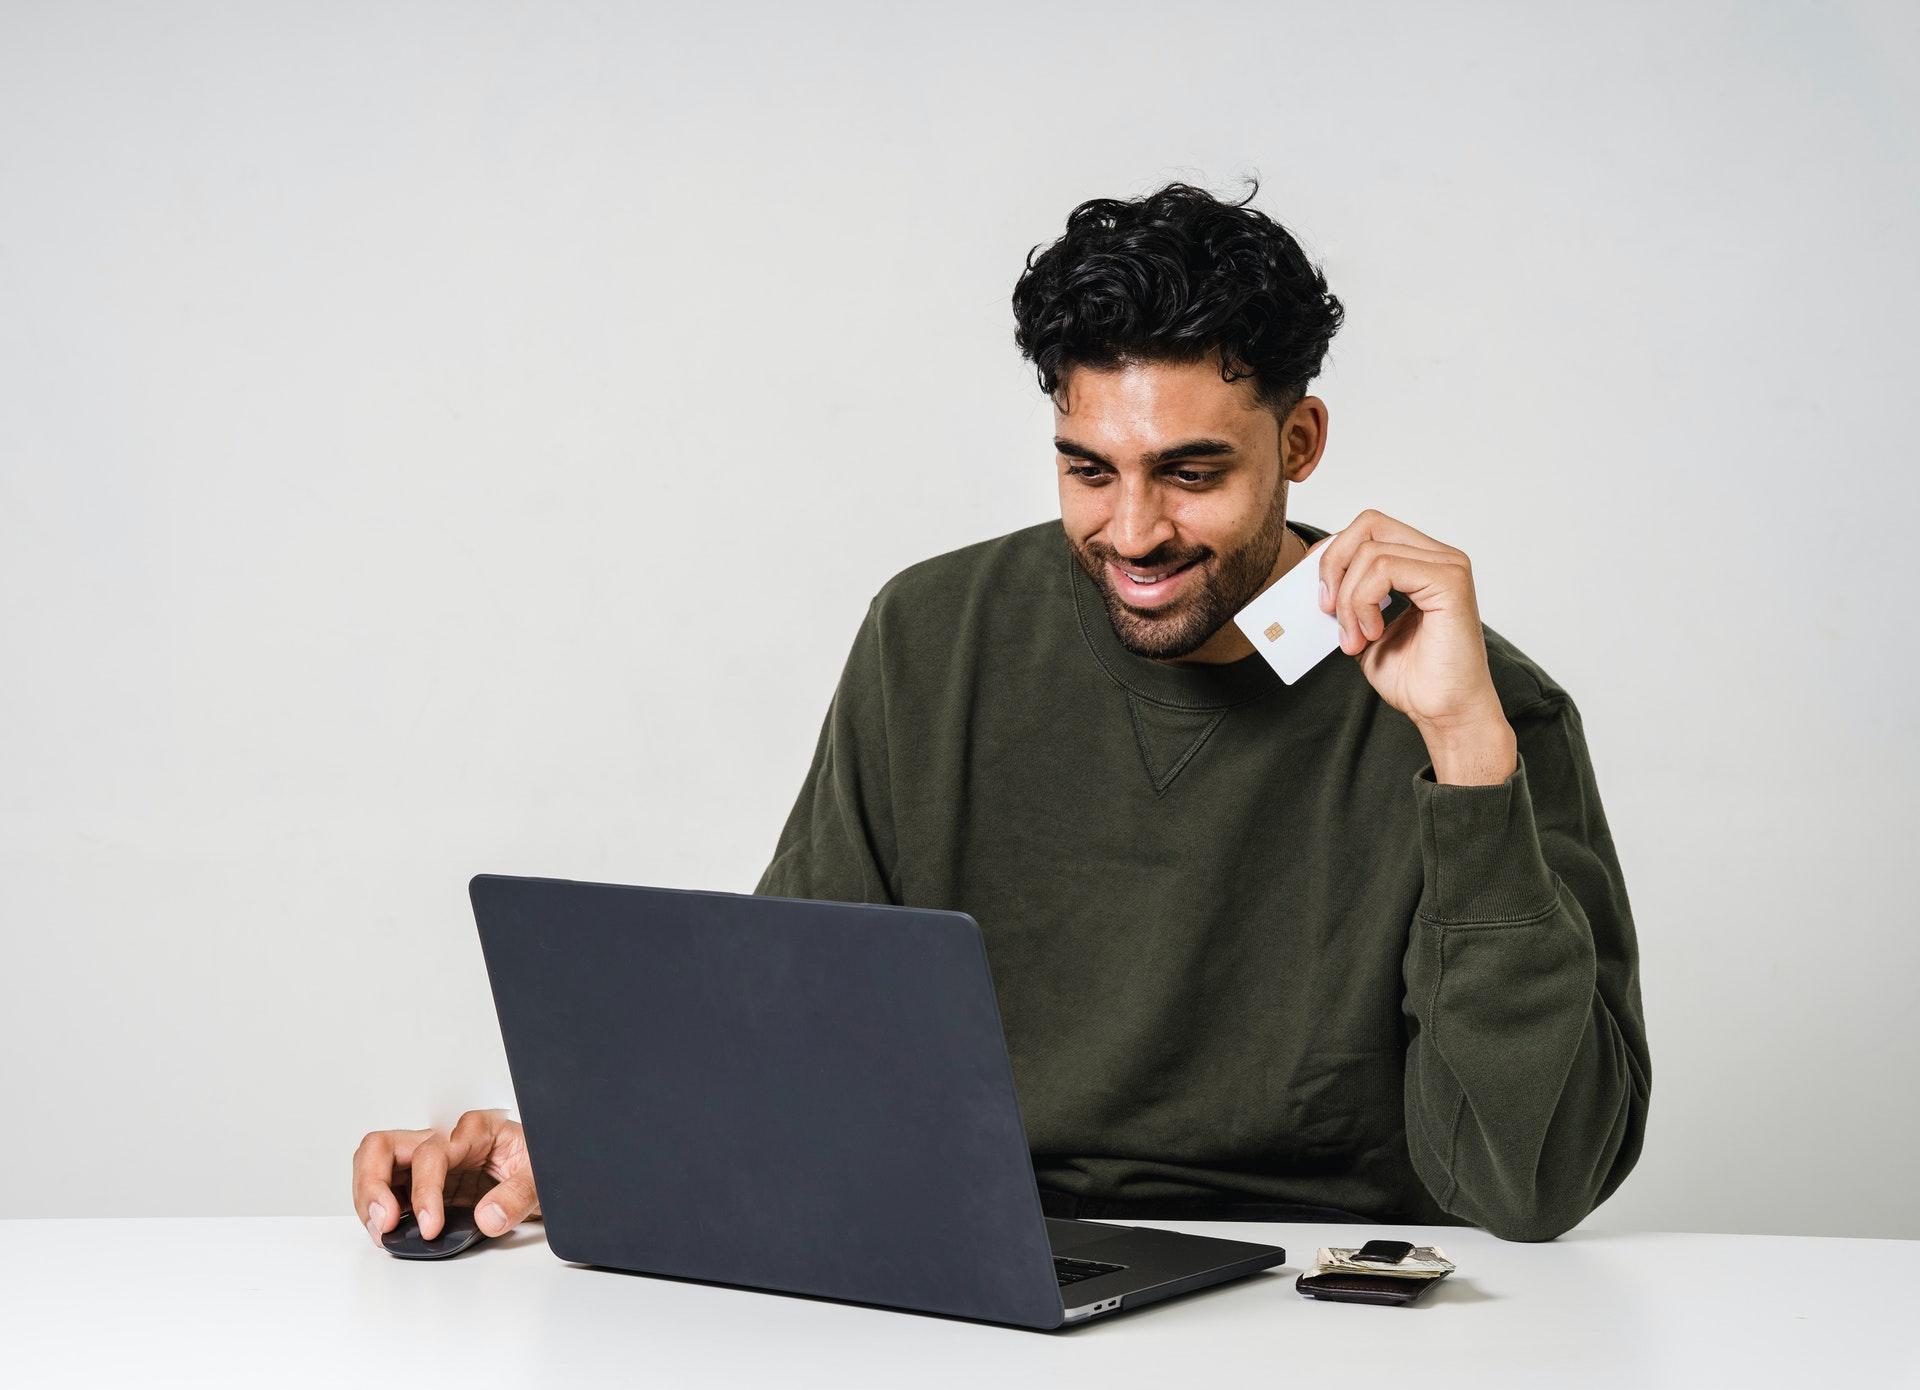 jeune homme pull vert tenant carte de crédit achat en ligne sur ordinateur